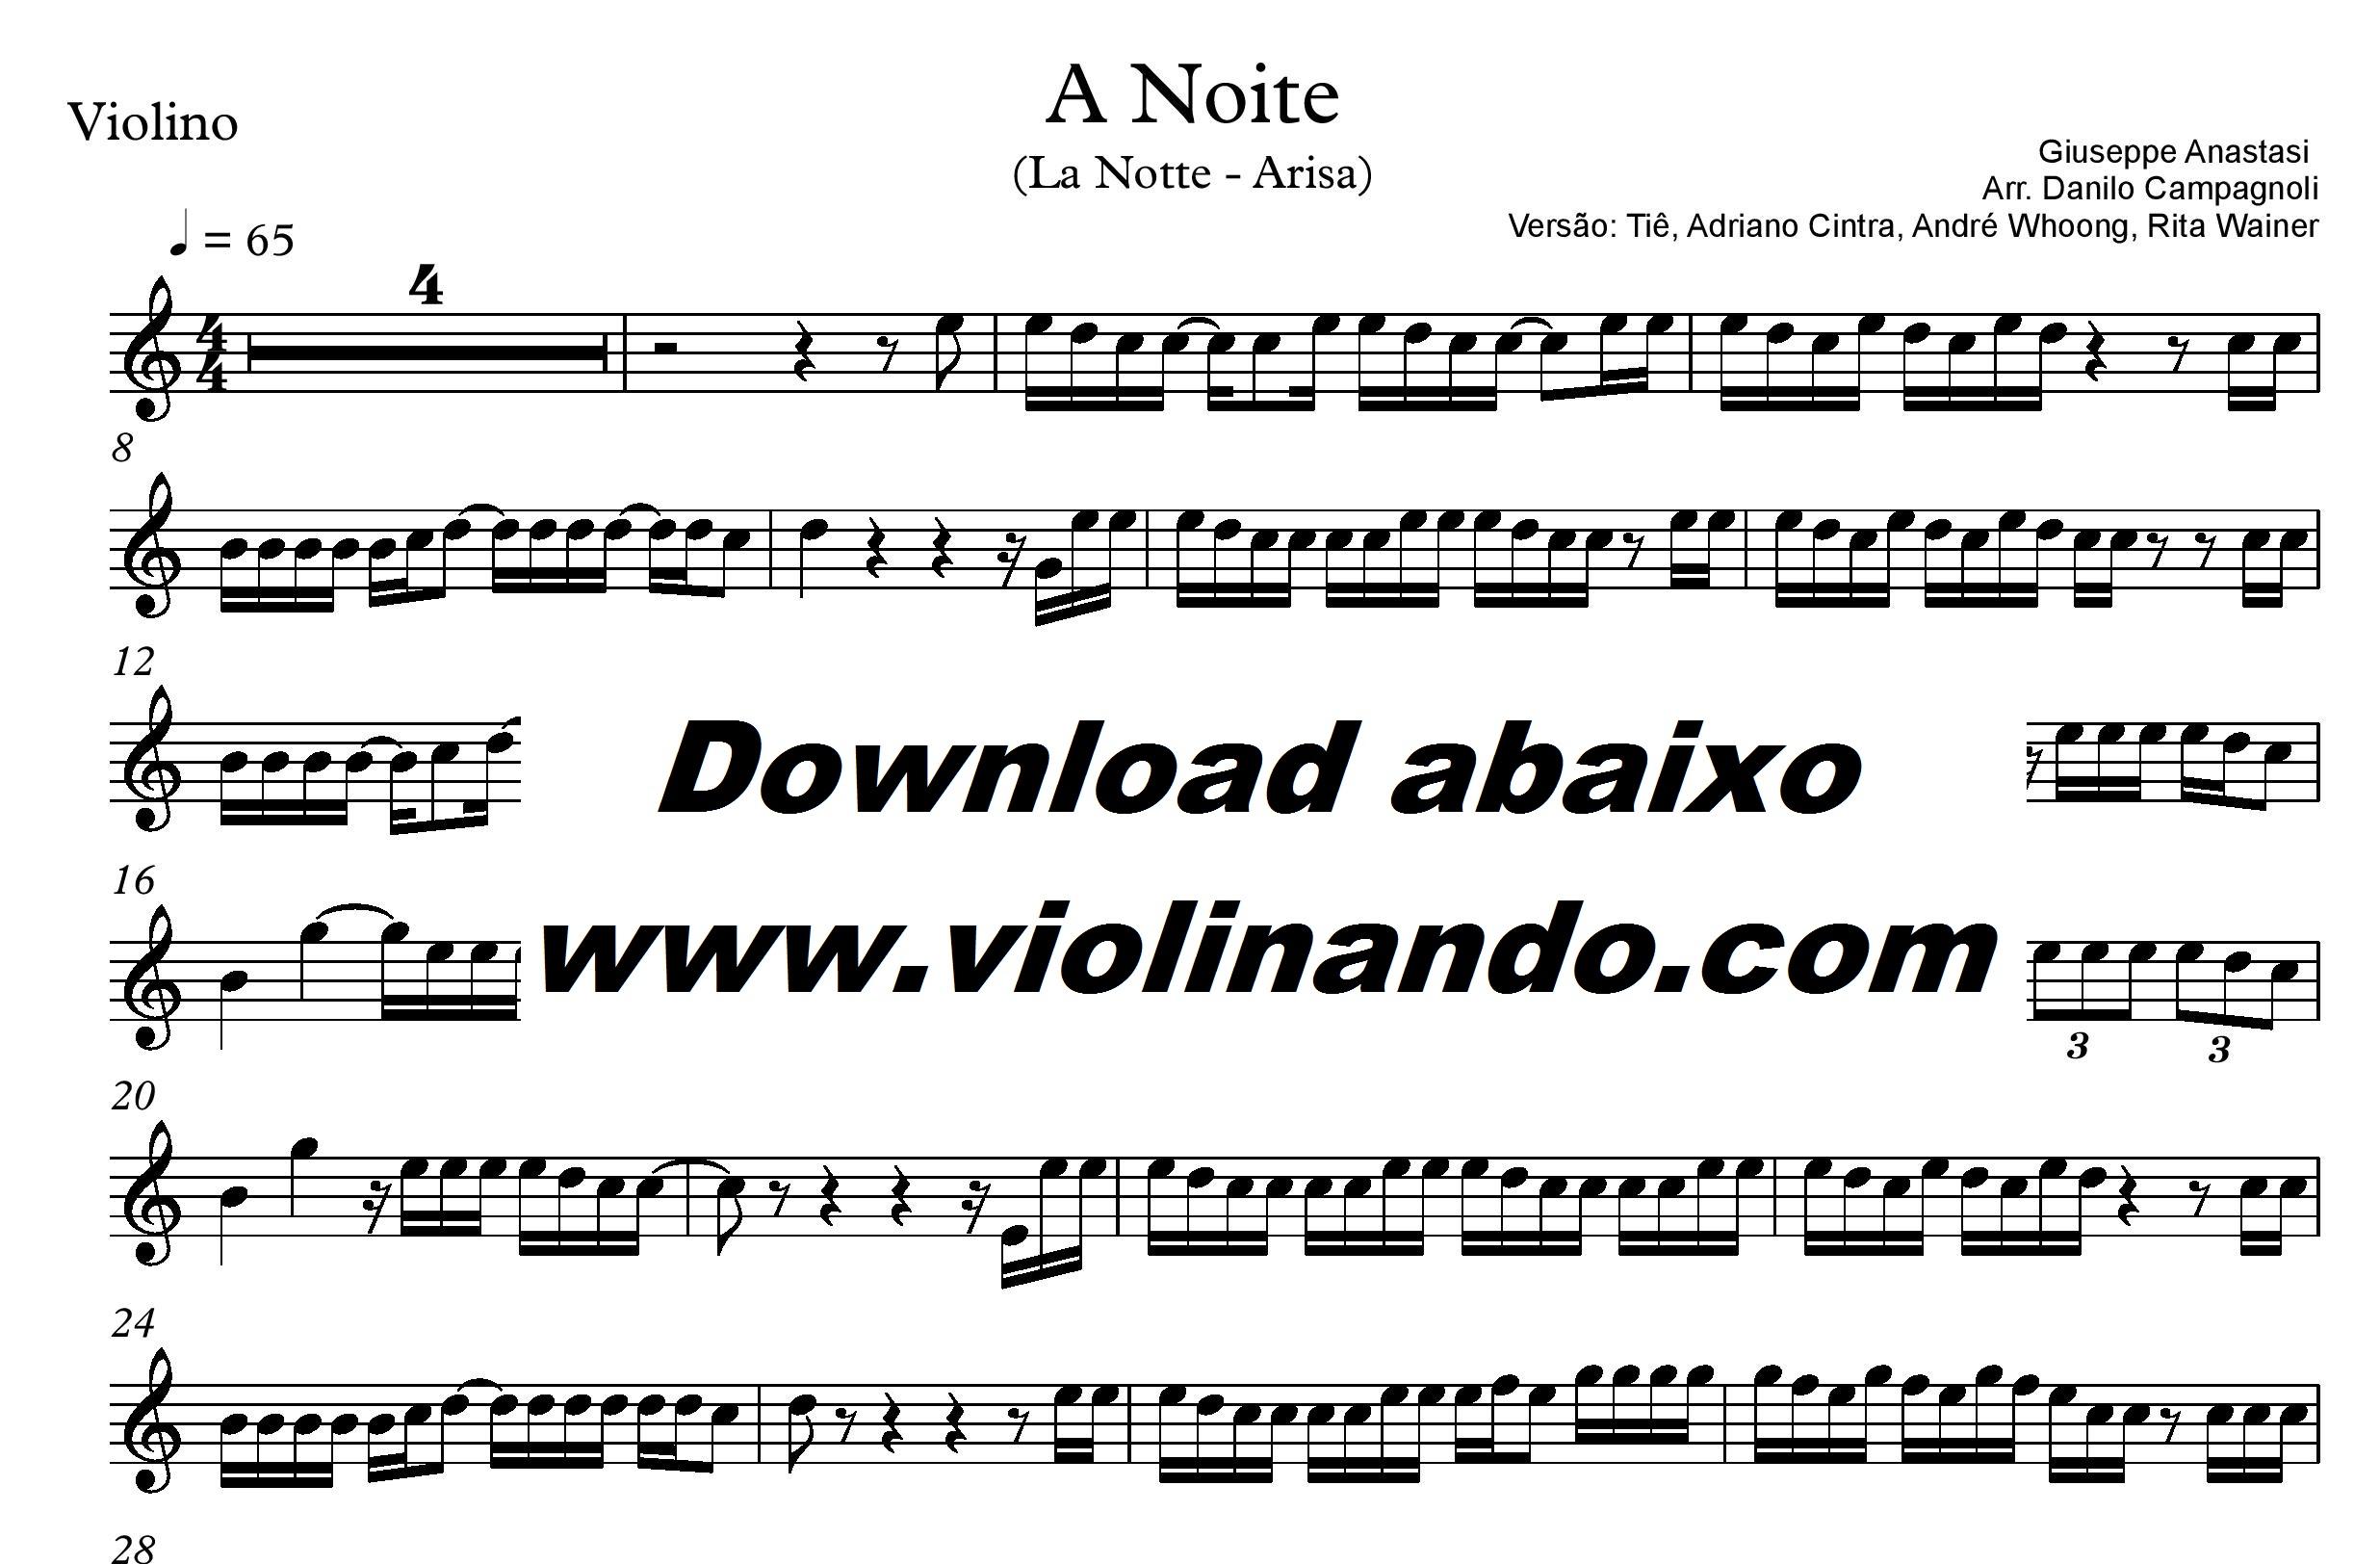 A Noite - Violinando.com